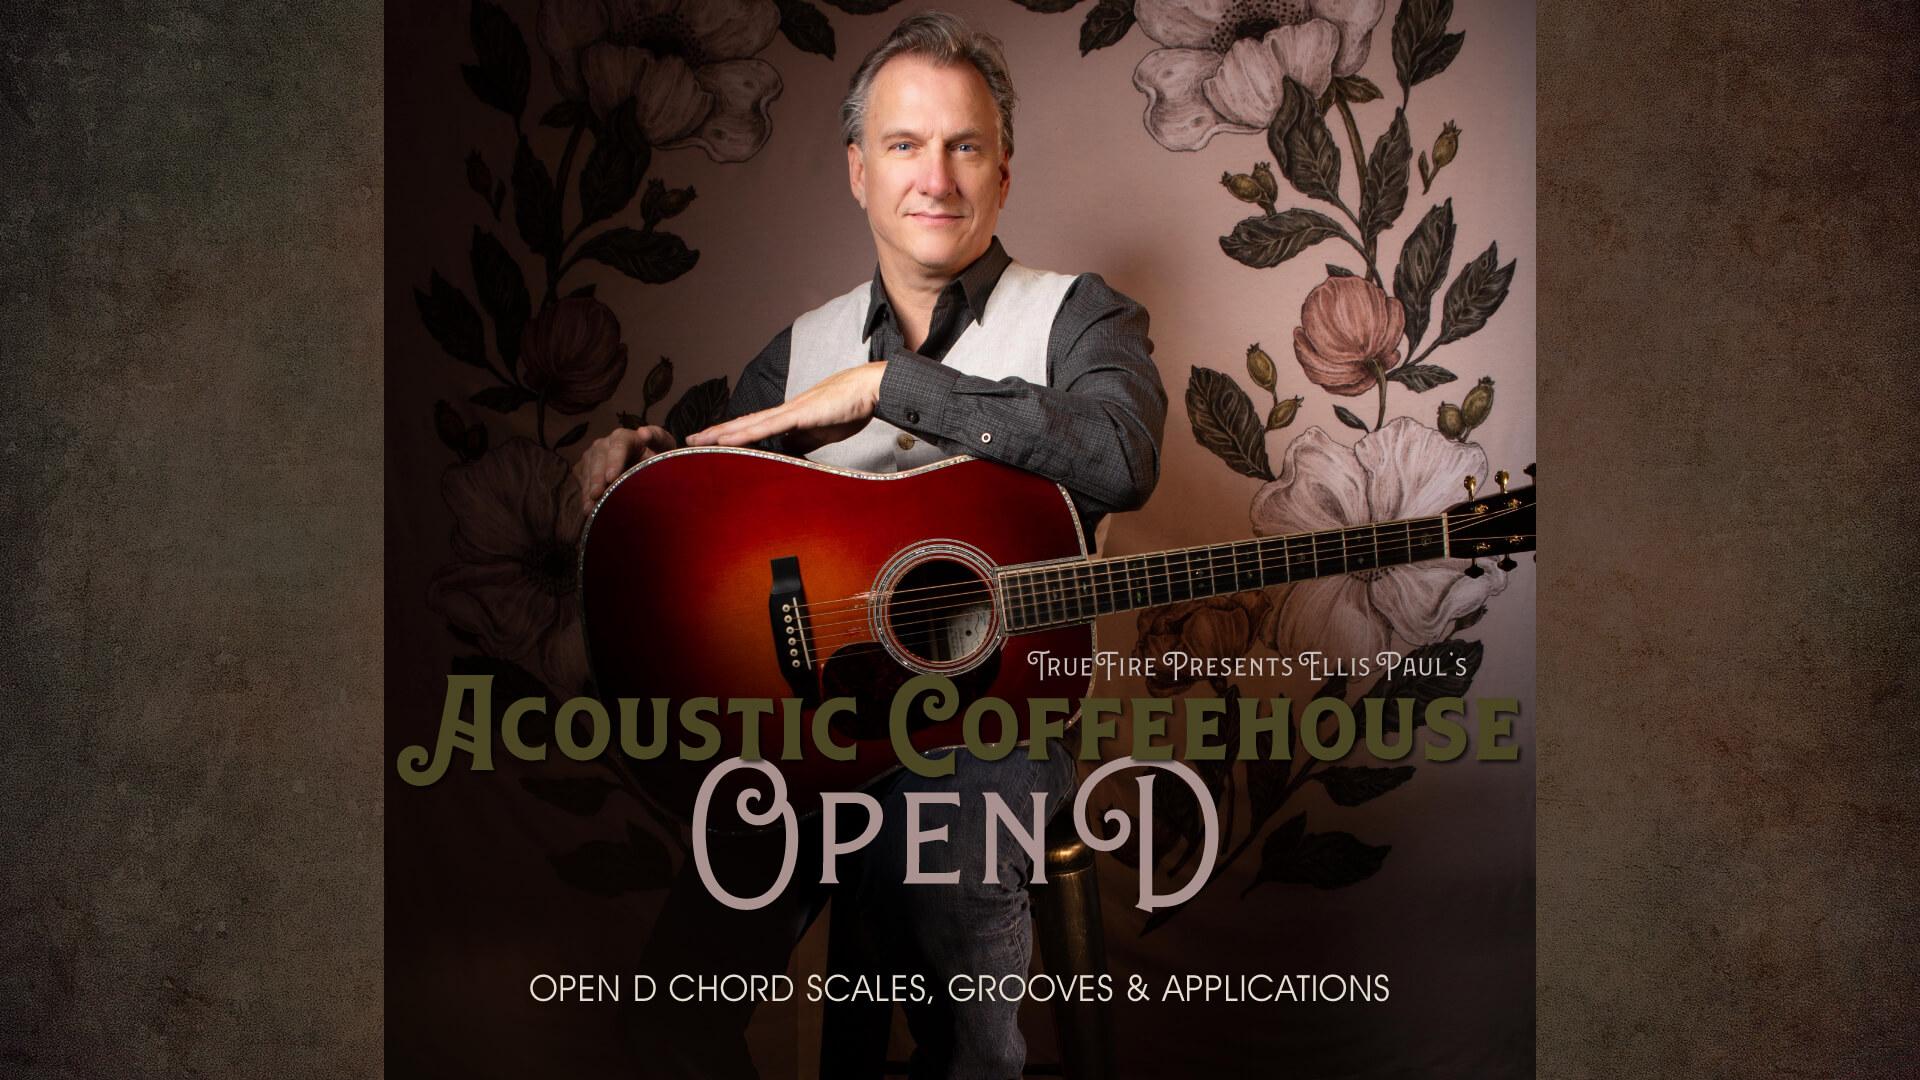 Acoustic Coffeehouse: Open D - Ellis Paul - Guitar Lessons - TrueFire